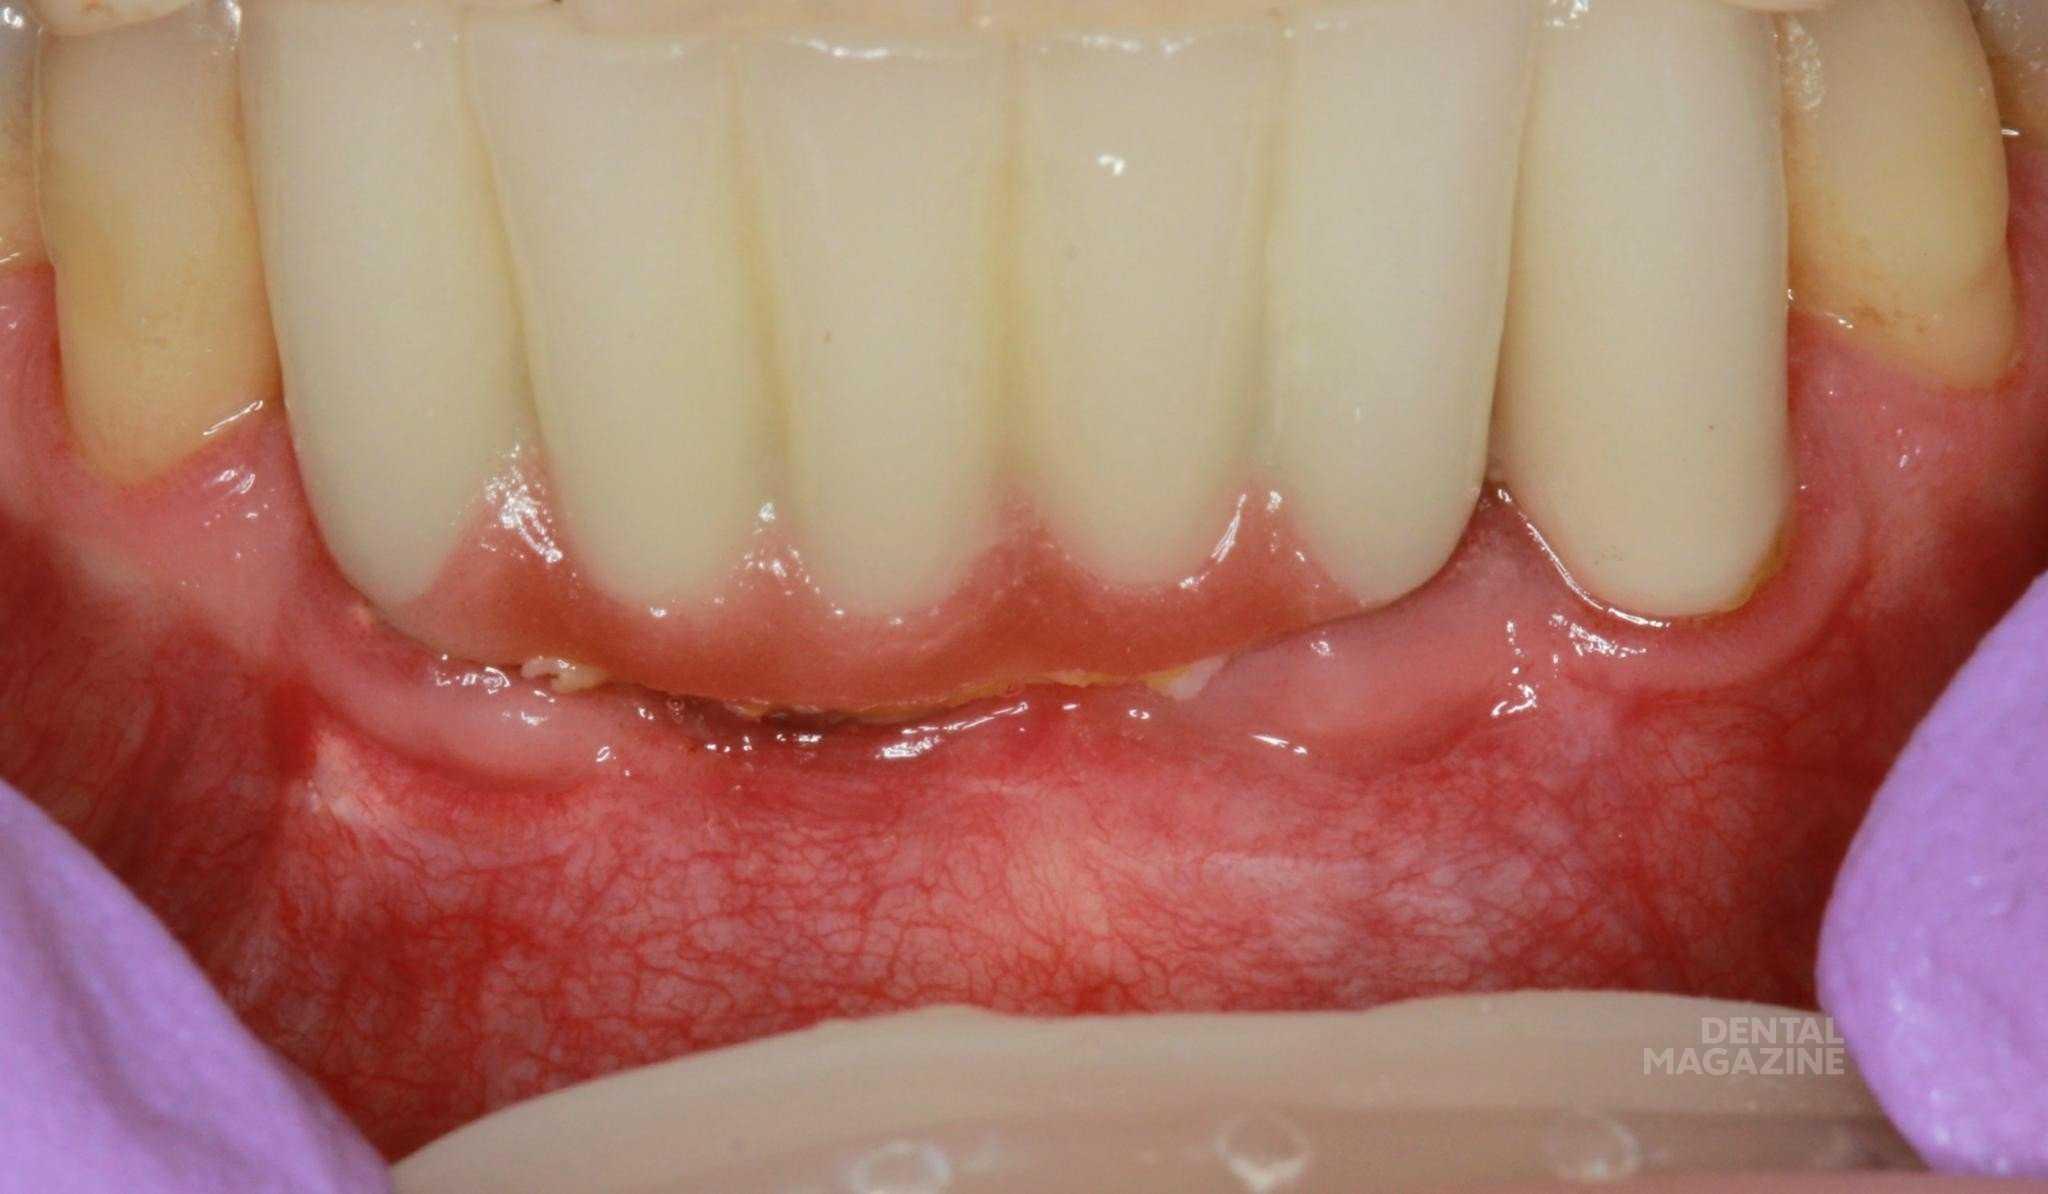 Инфекции зубов и десён были напрямую связаны с париентальным метаболизмом кальция